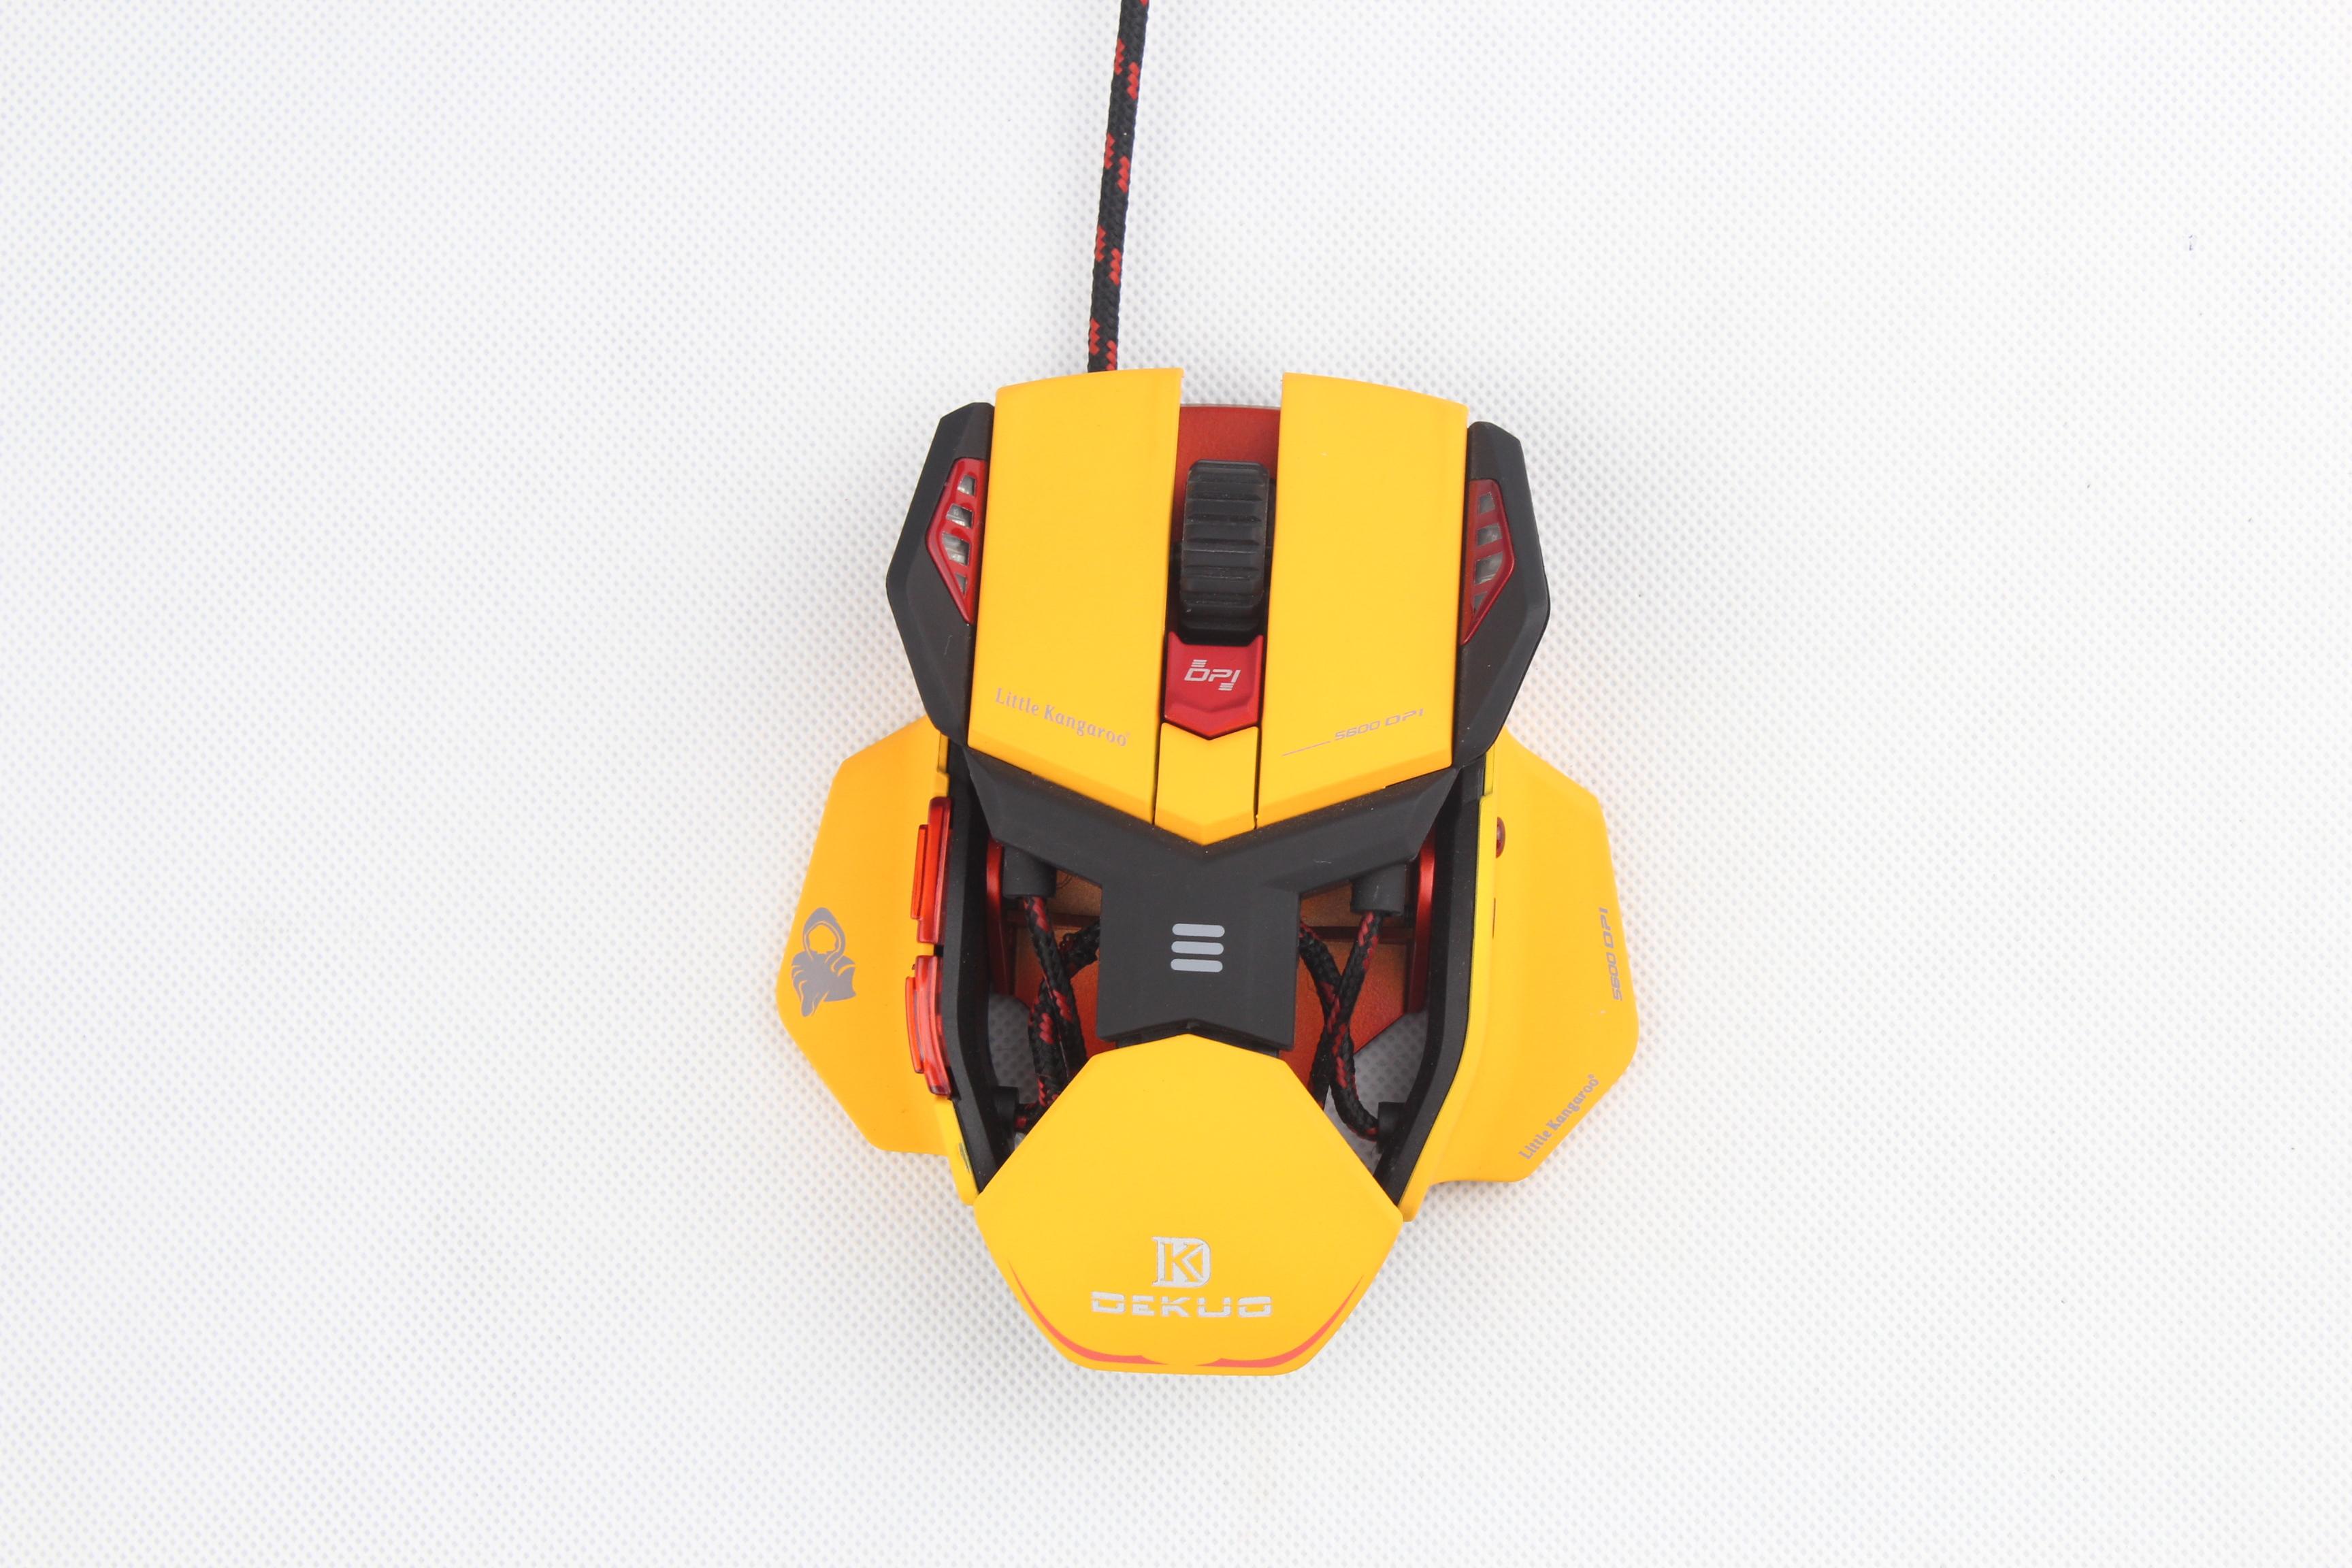 游戏鼠标 电竞游戏鼠标 电玩游戏鼠标 电玩游戏鼠标